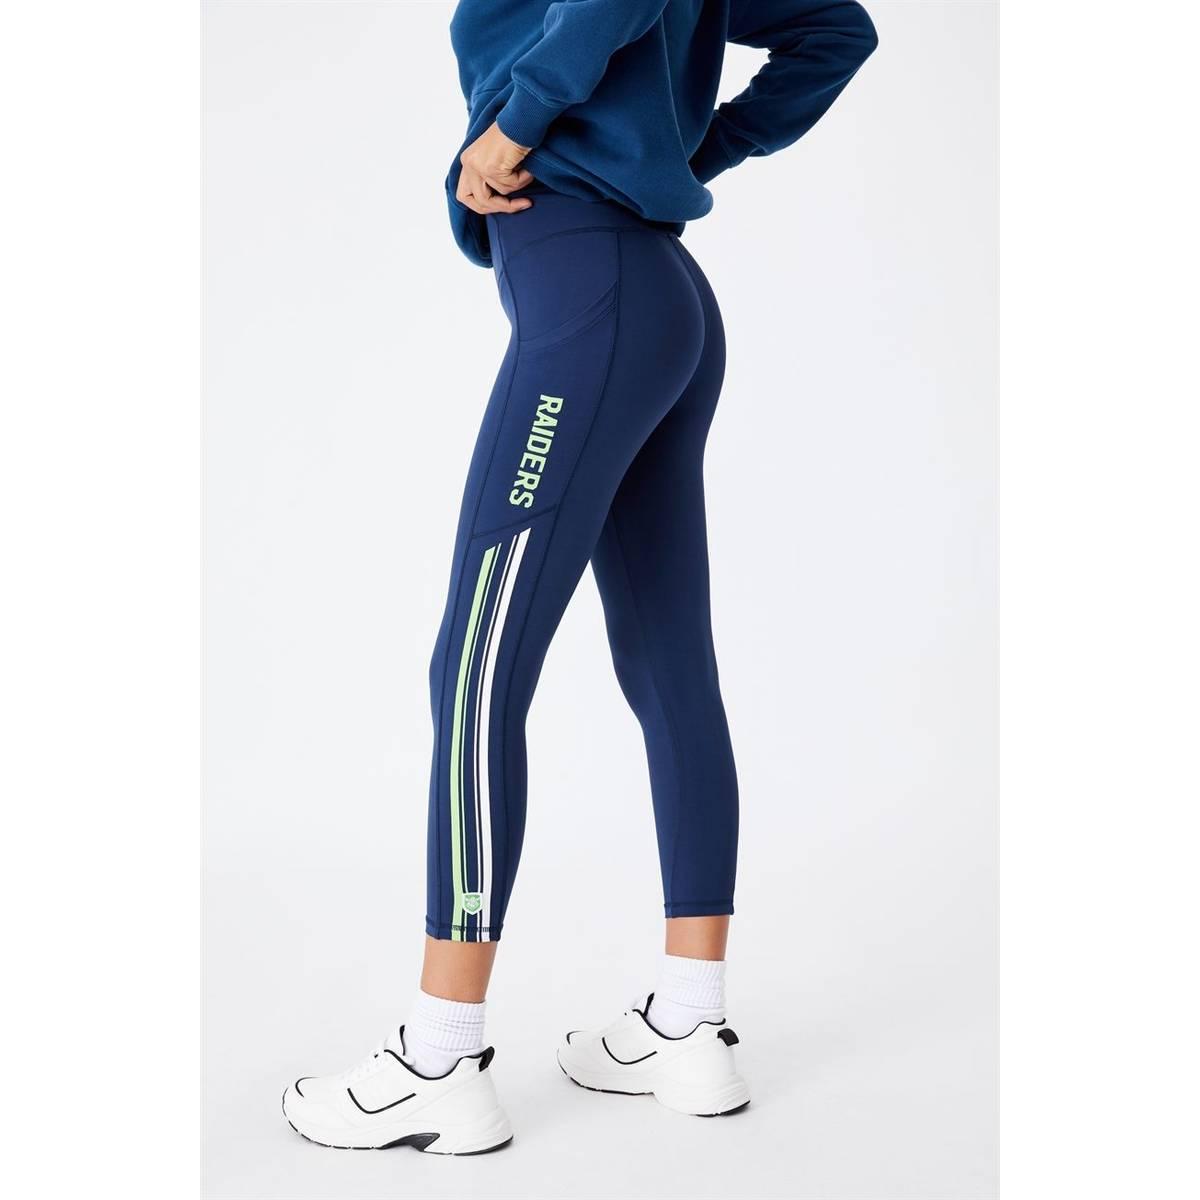 NRL Womens Pocket Tights1